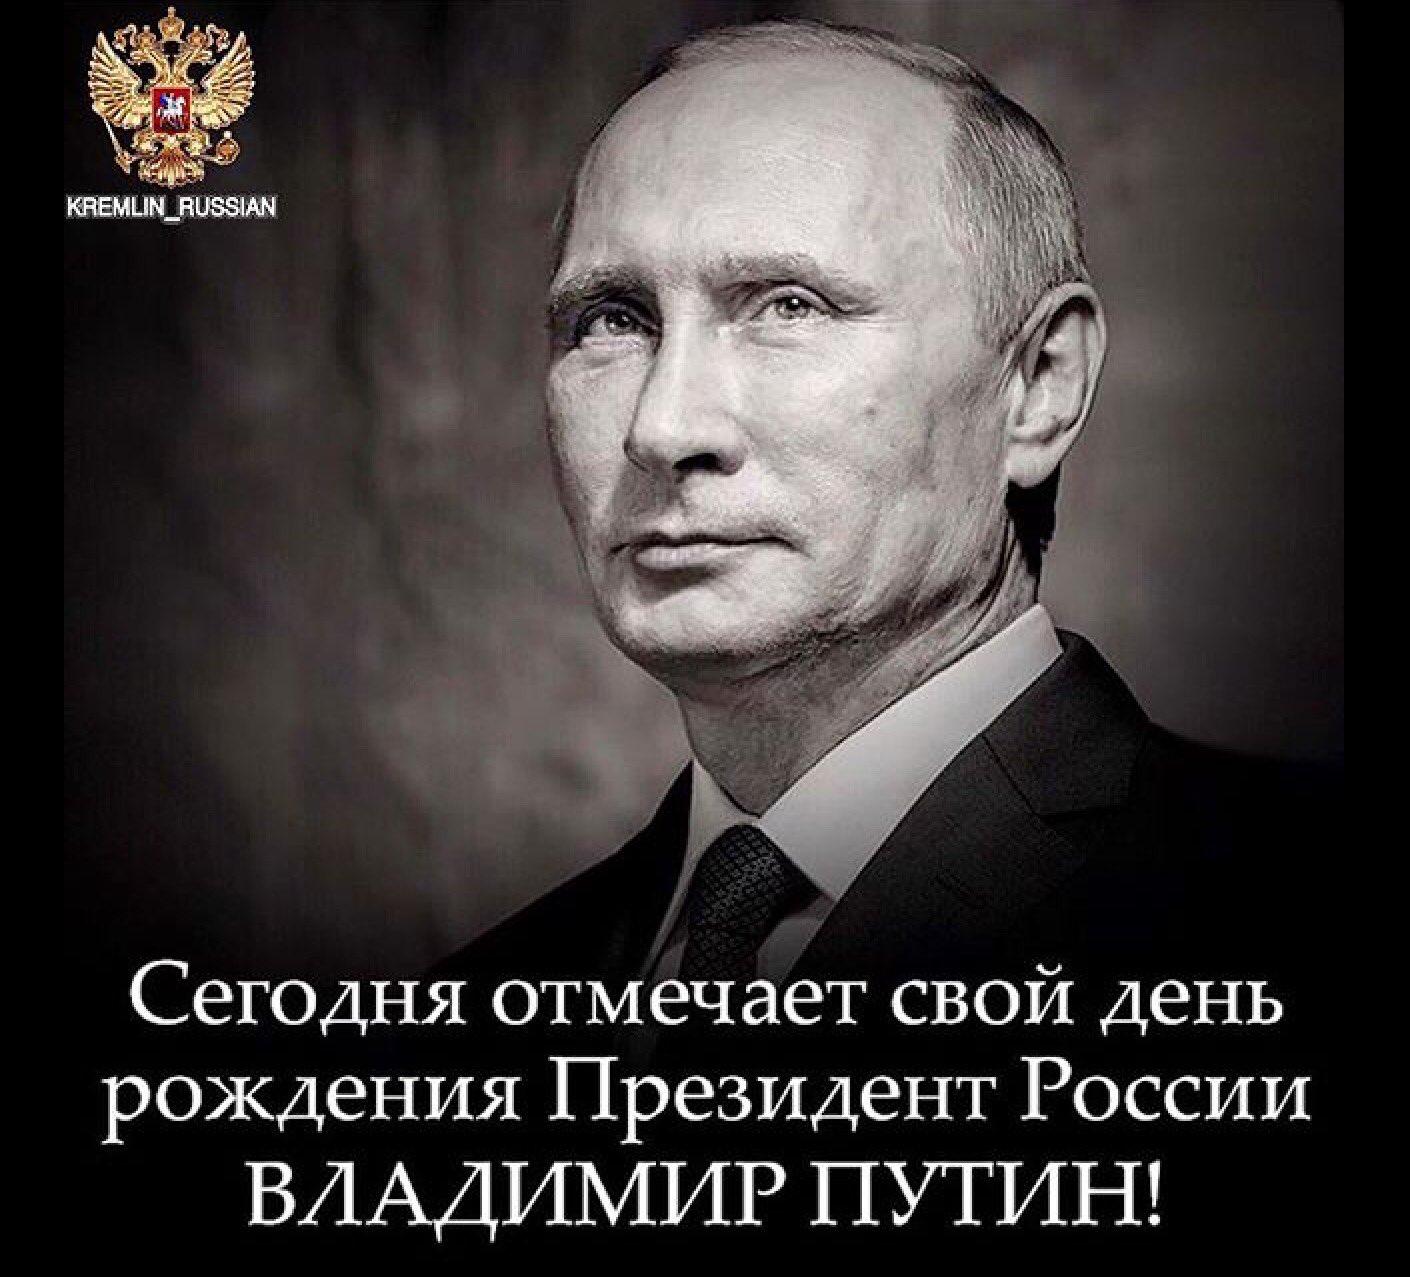 Открытка с днем рождения владимира владимировича